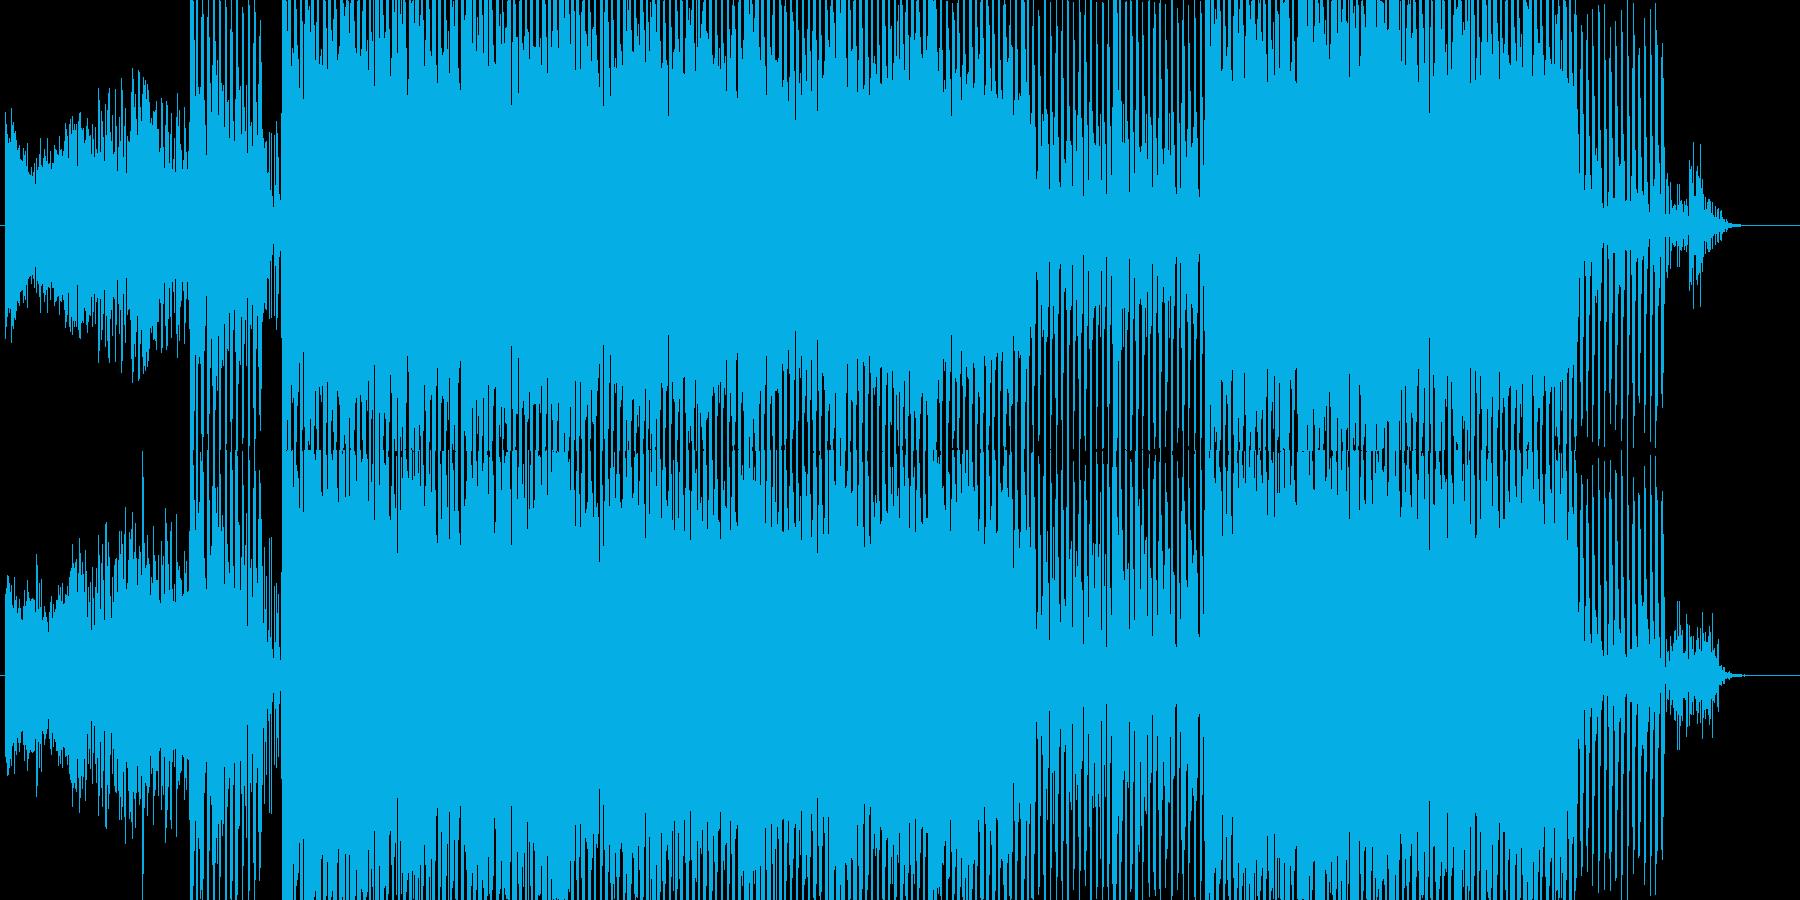 機械的なイメージの再生済みの波形